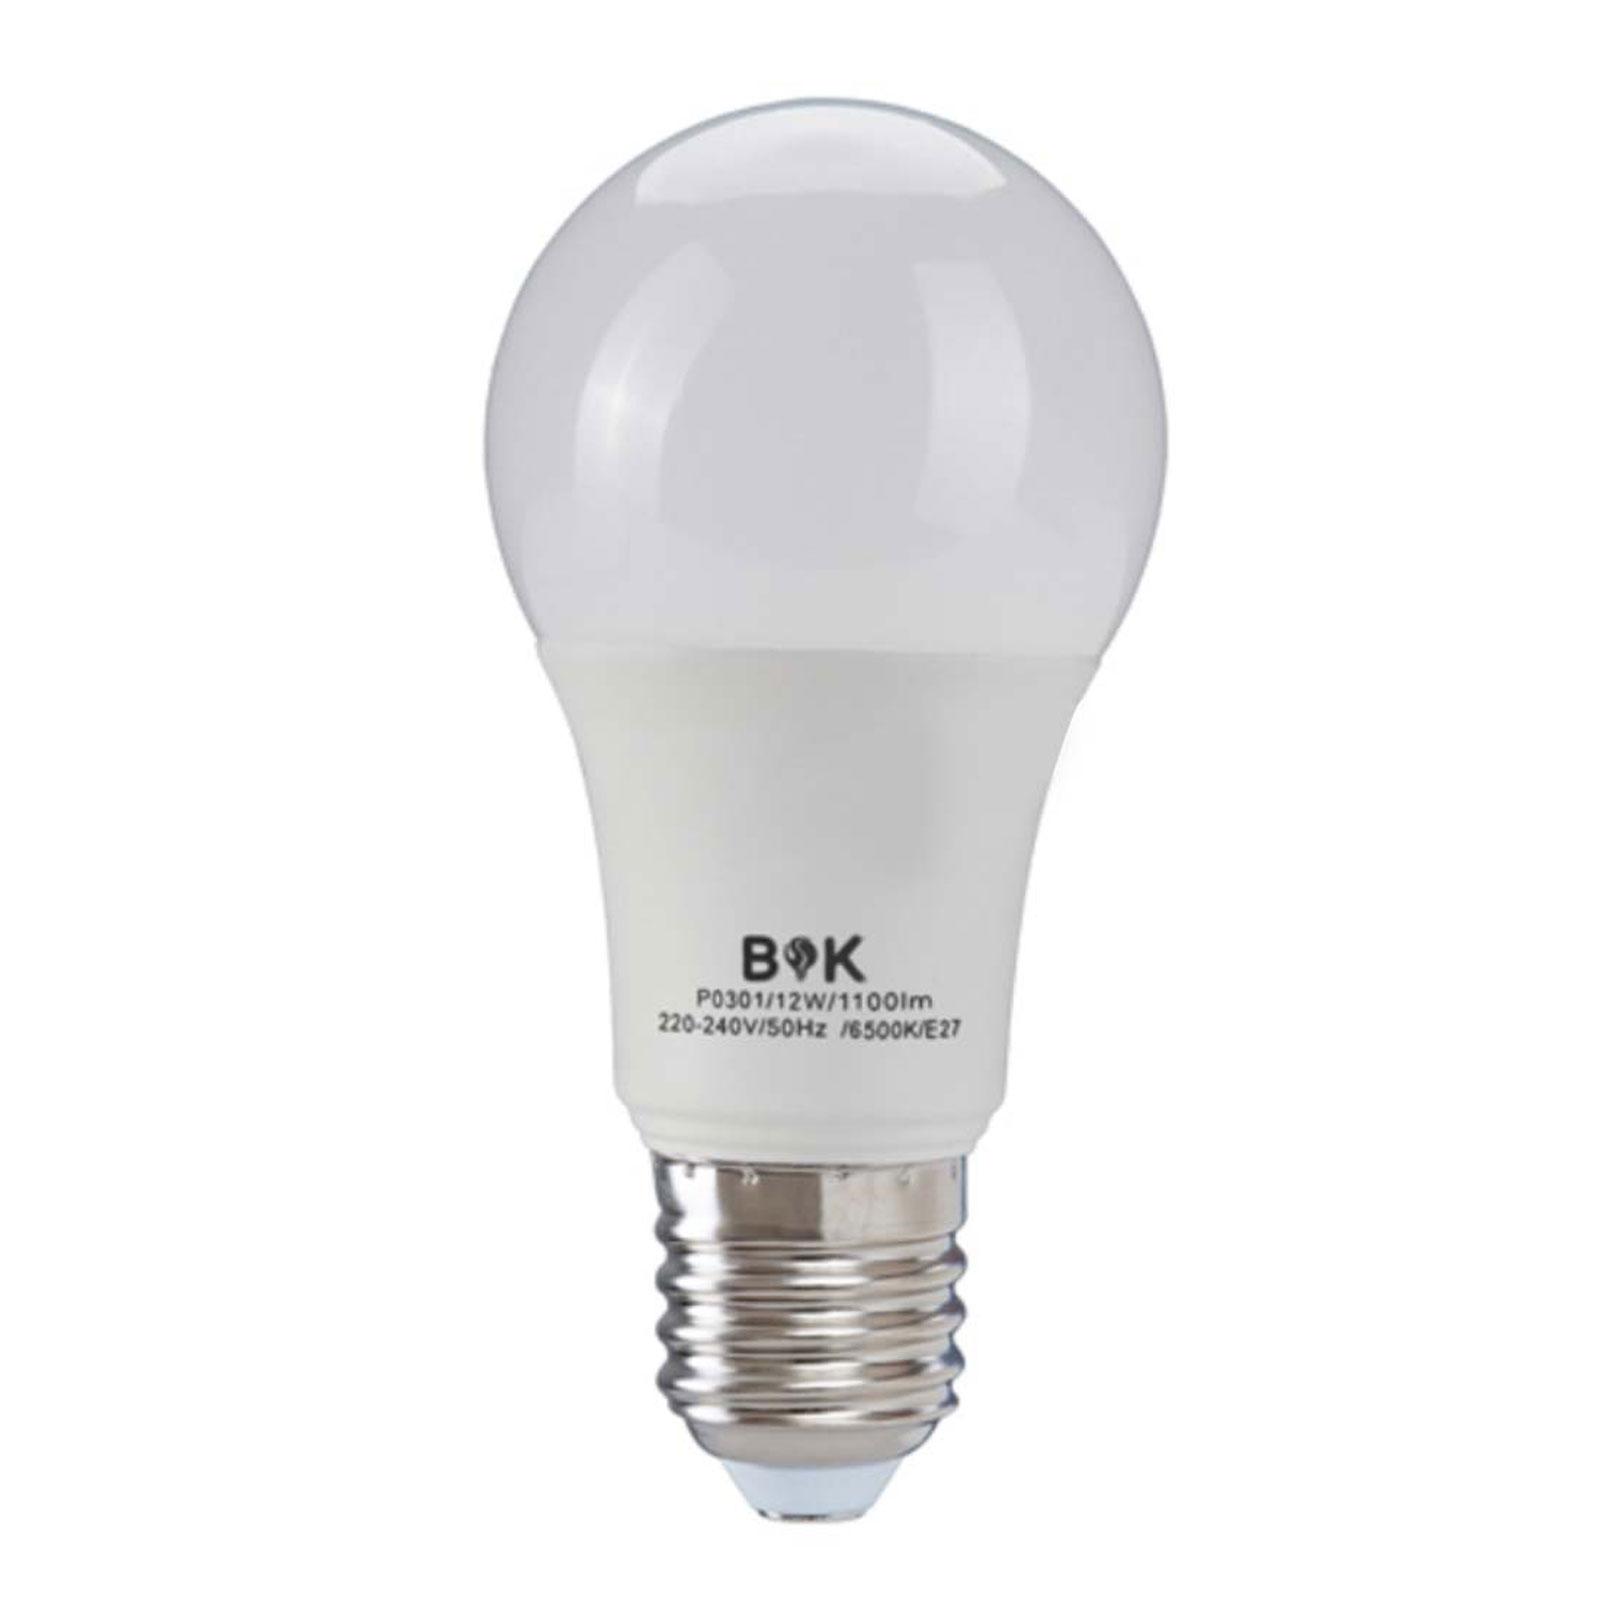 لامپ ال ای دی حبابی 15 وات بابک